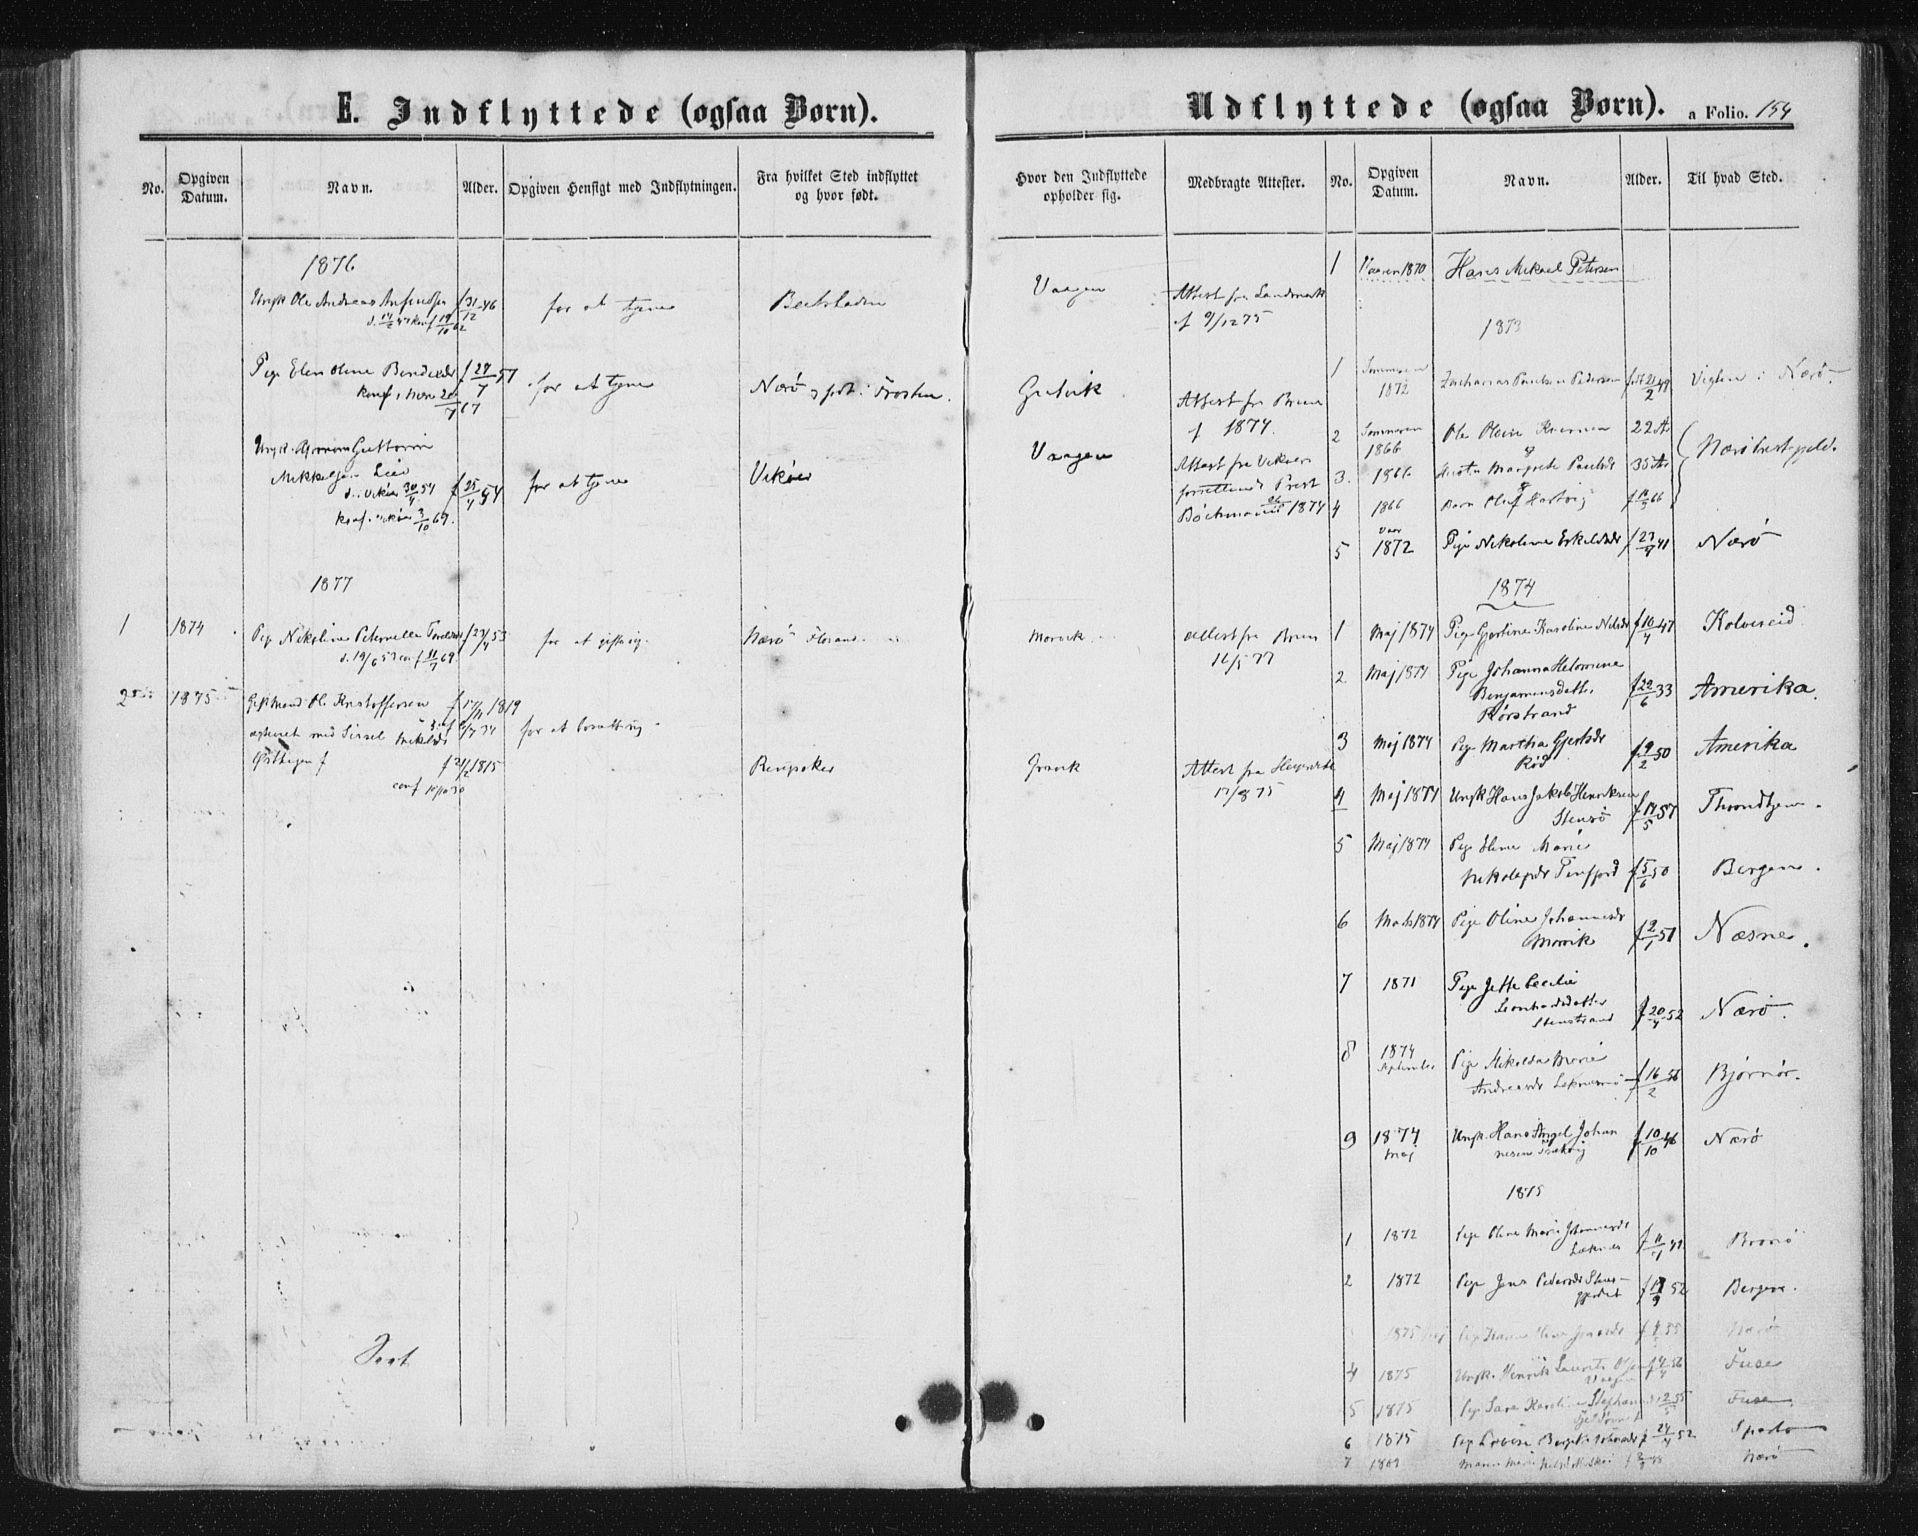 SAT, Ministerialprotokoller, klokkerbøker og fødselsregistre - Nord-Trøndelag, 788/L0696: Ministerialbok nr. 788A03, 1863-1877, s. 154